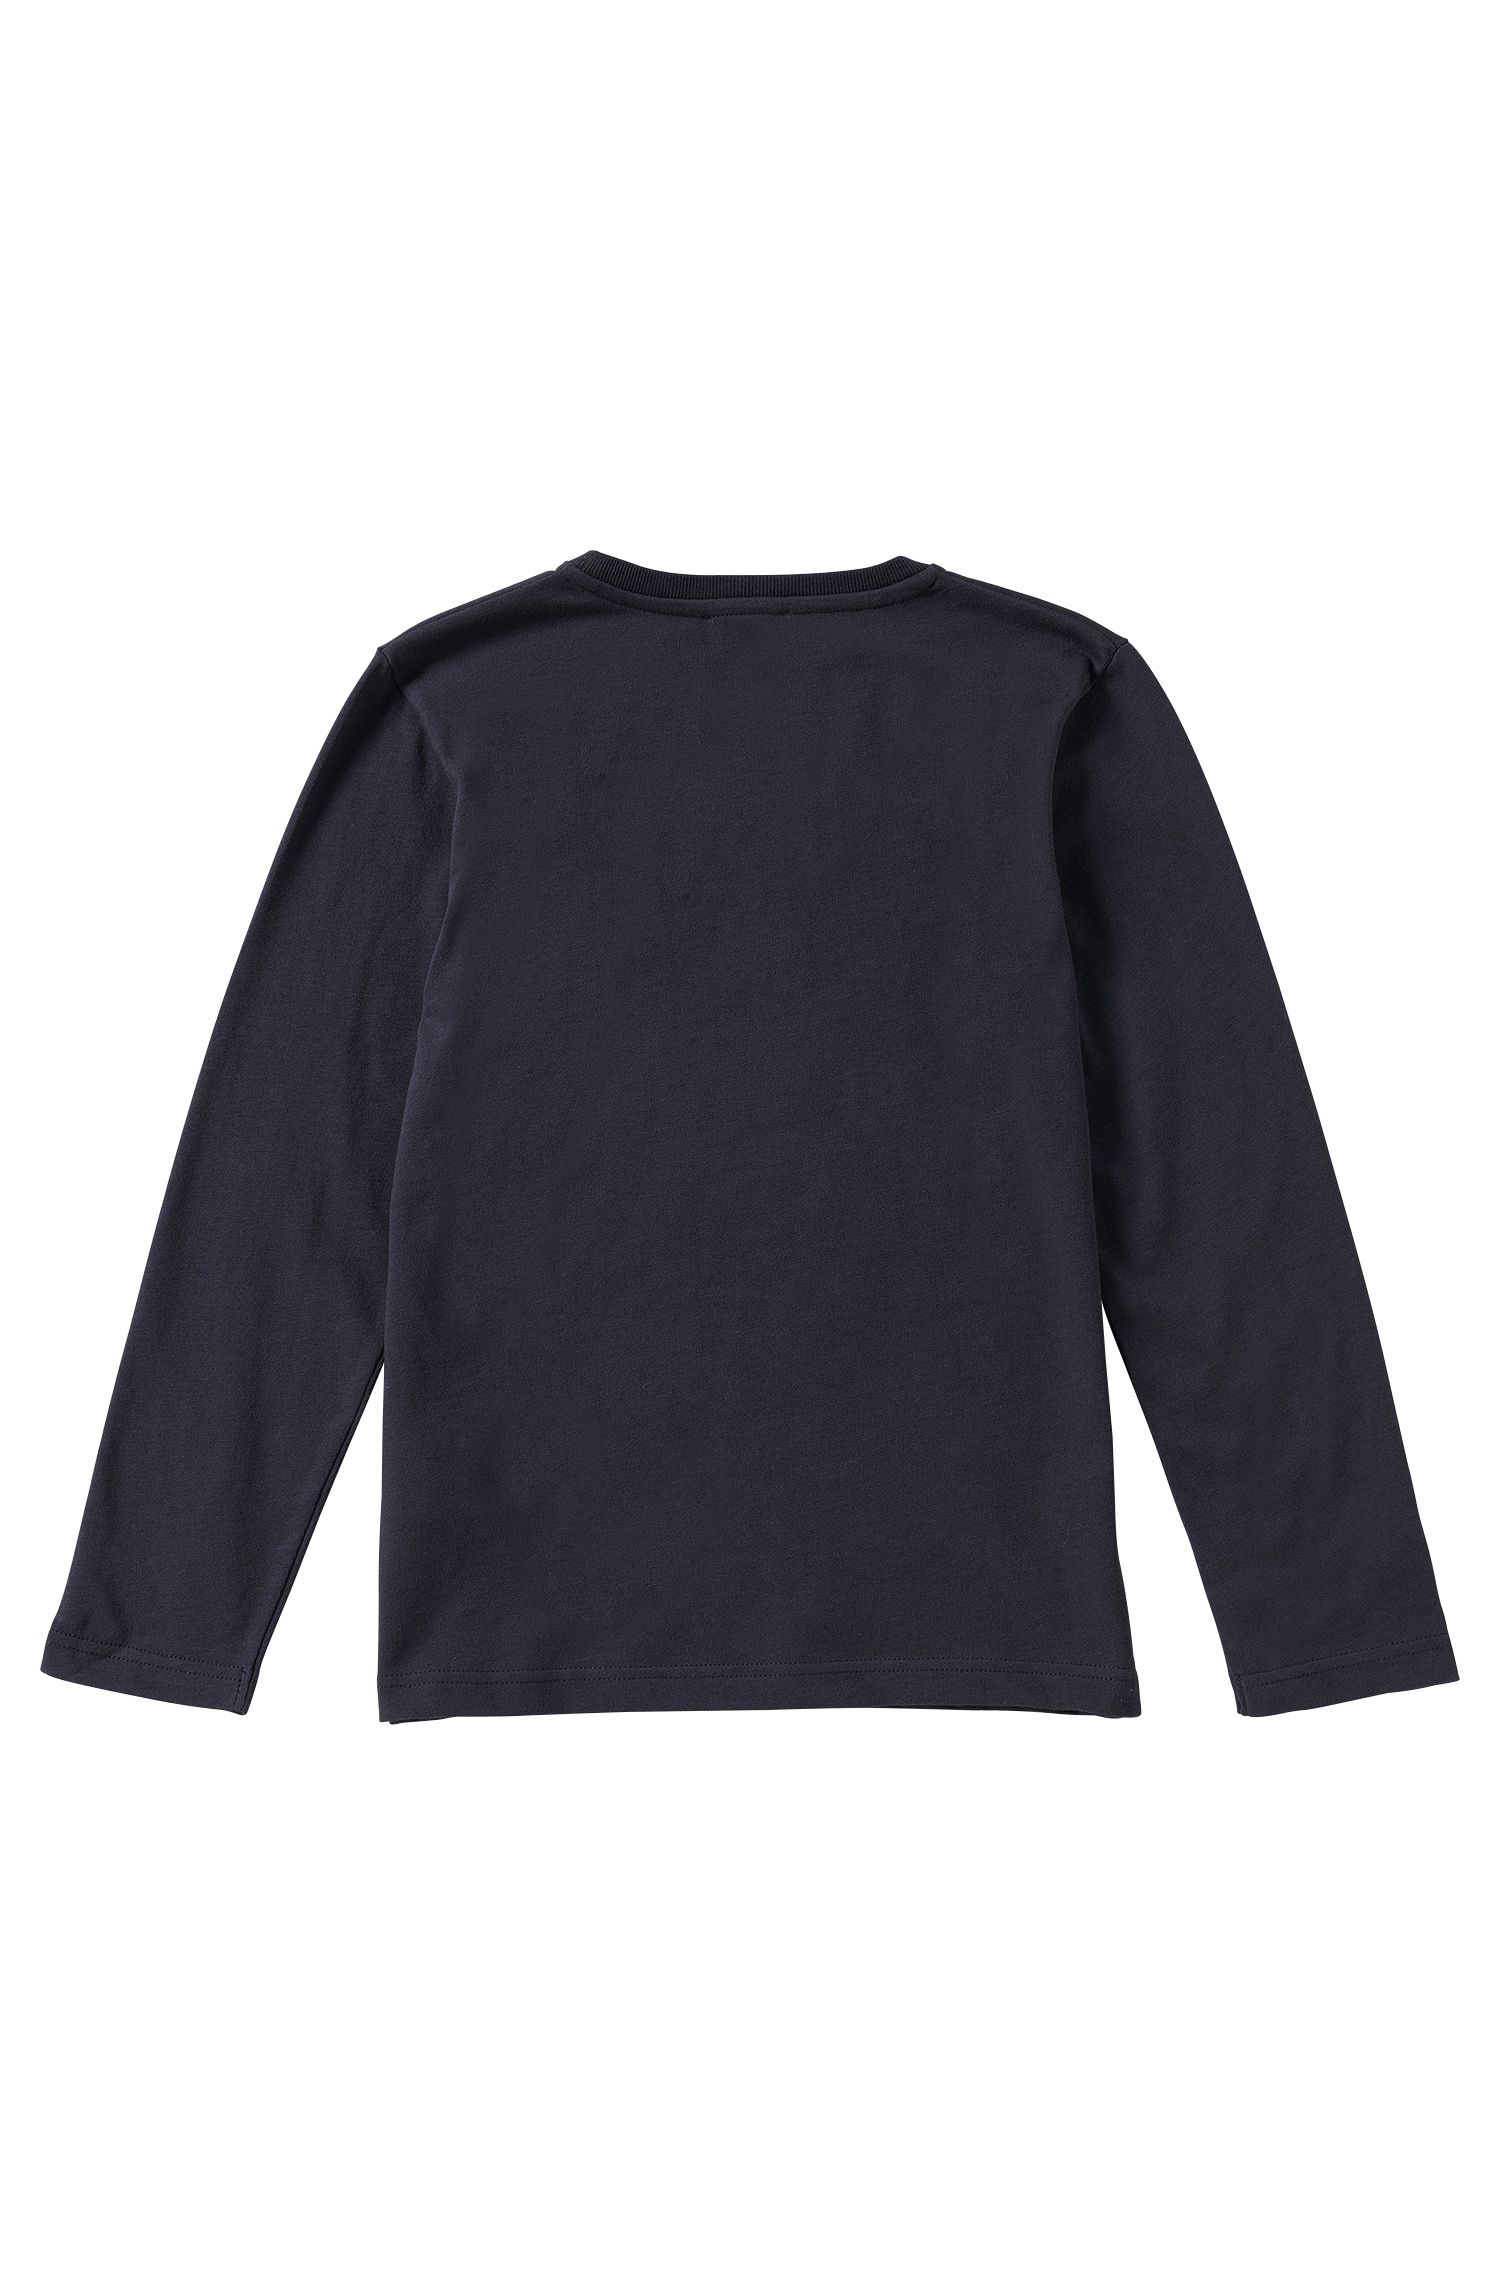 Kindershirt met lange mouwen van katoen: 'J25849'